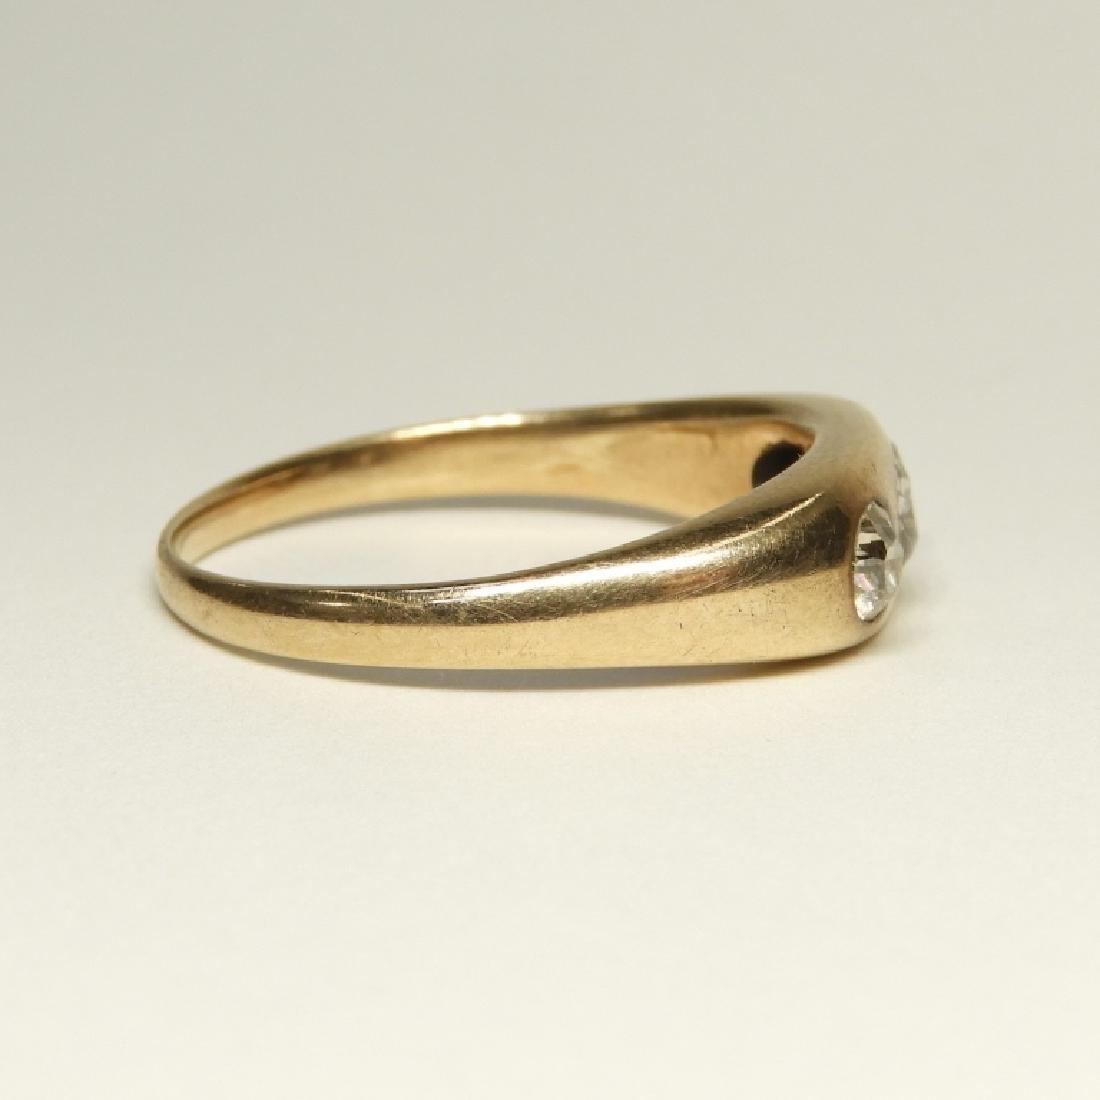 Modernist Design 14K Gold Diamond Ring - 4